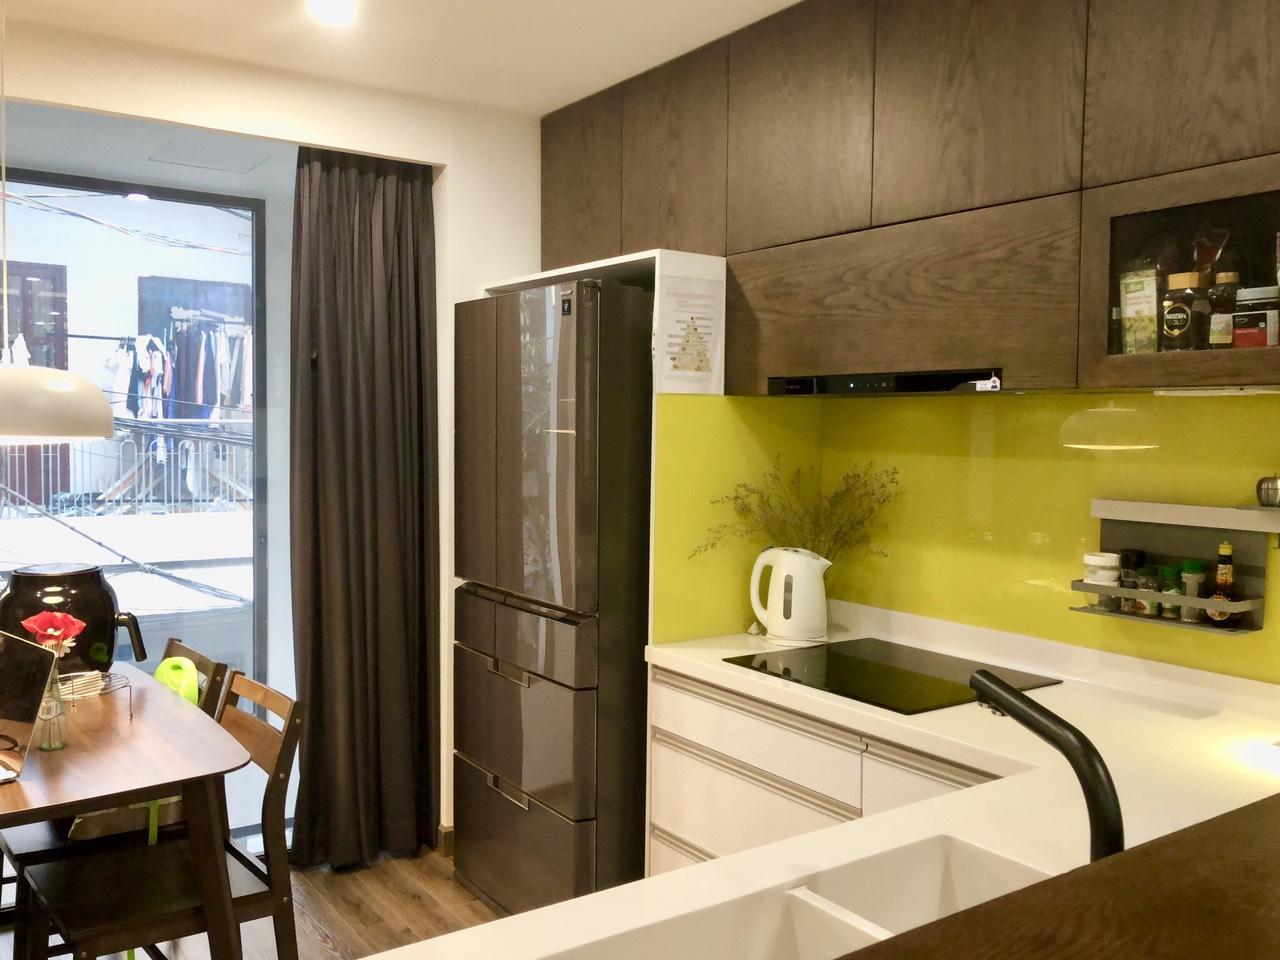 Cho Thuê 1 PN Nguyen Thi Minh Khai D1 Serviced Apartment - Đầy Đủ Nội Thất & Ấm Cúng -11